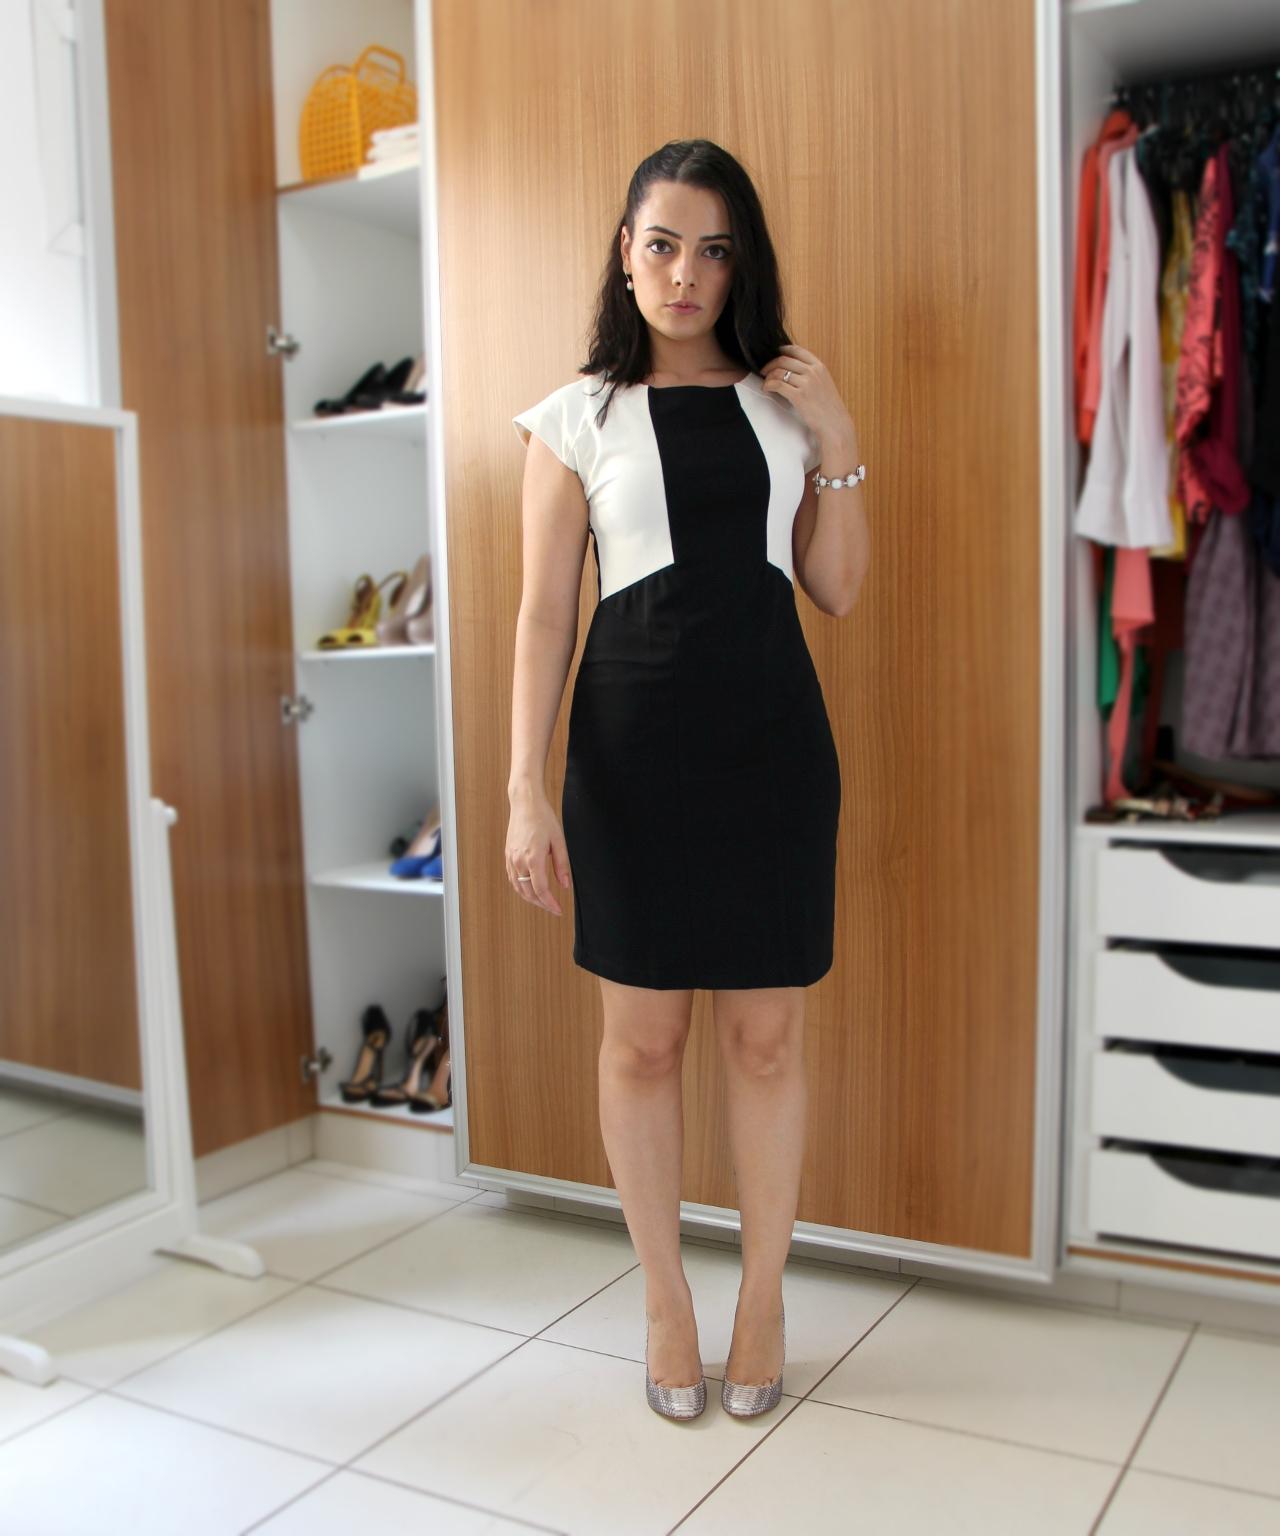 744c60f65 vestido compra internet   Leidi Turatti